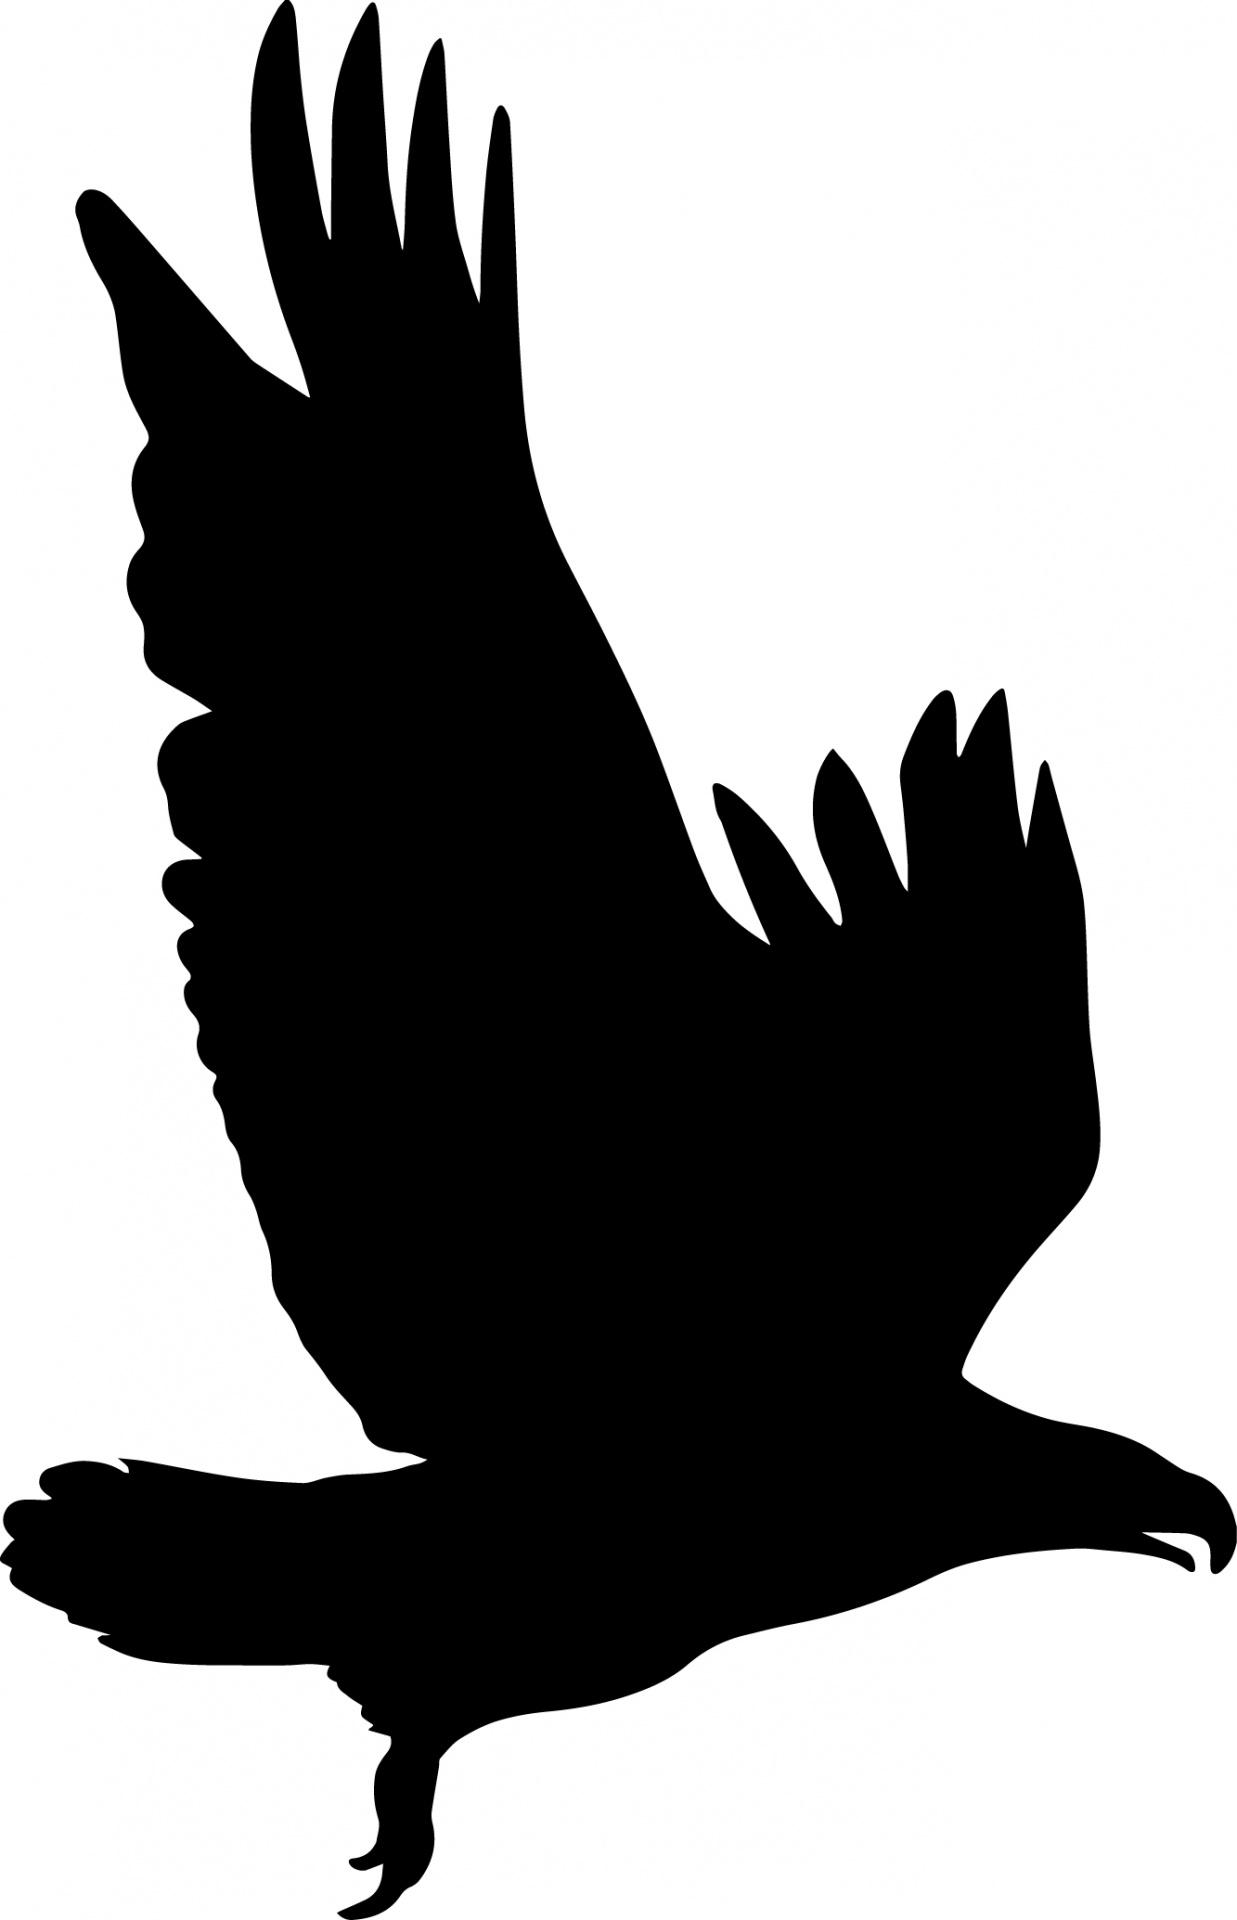 1237x1920 Eagle Silhouette Free Stock Photo